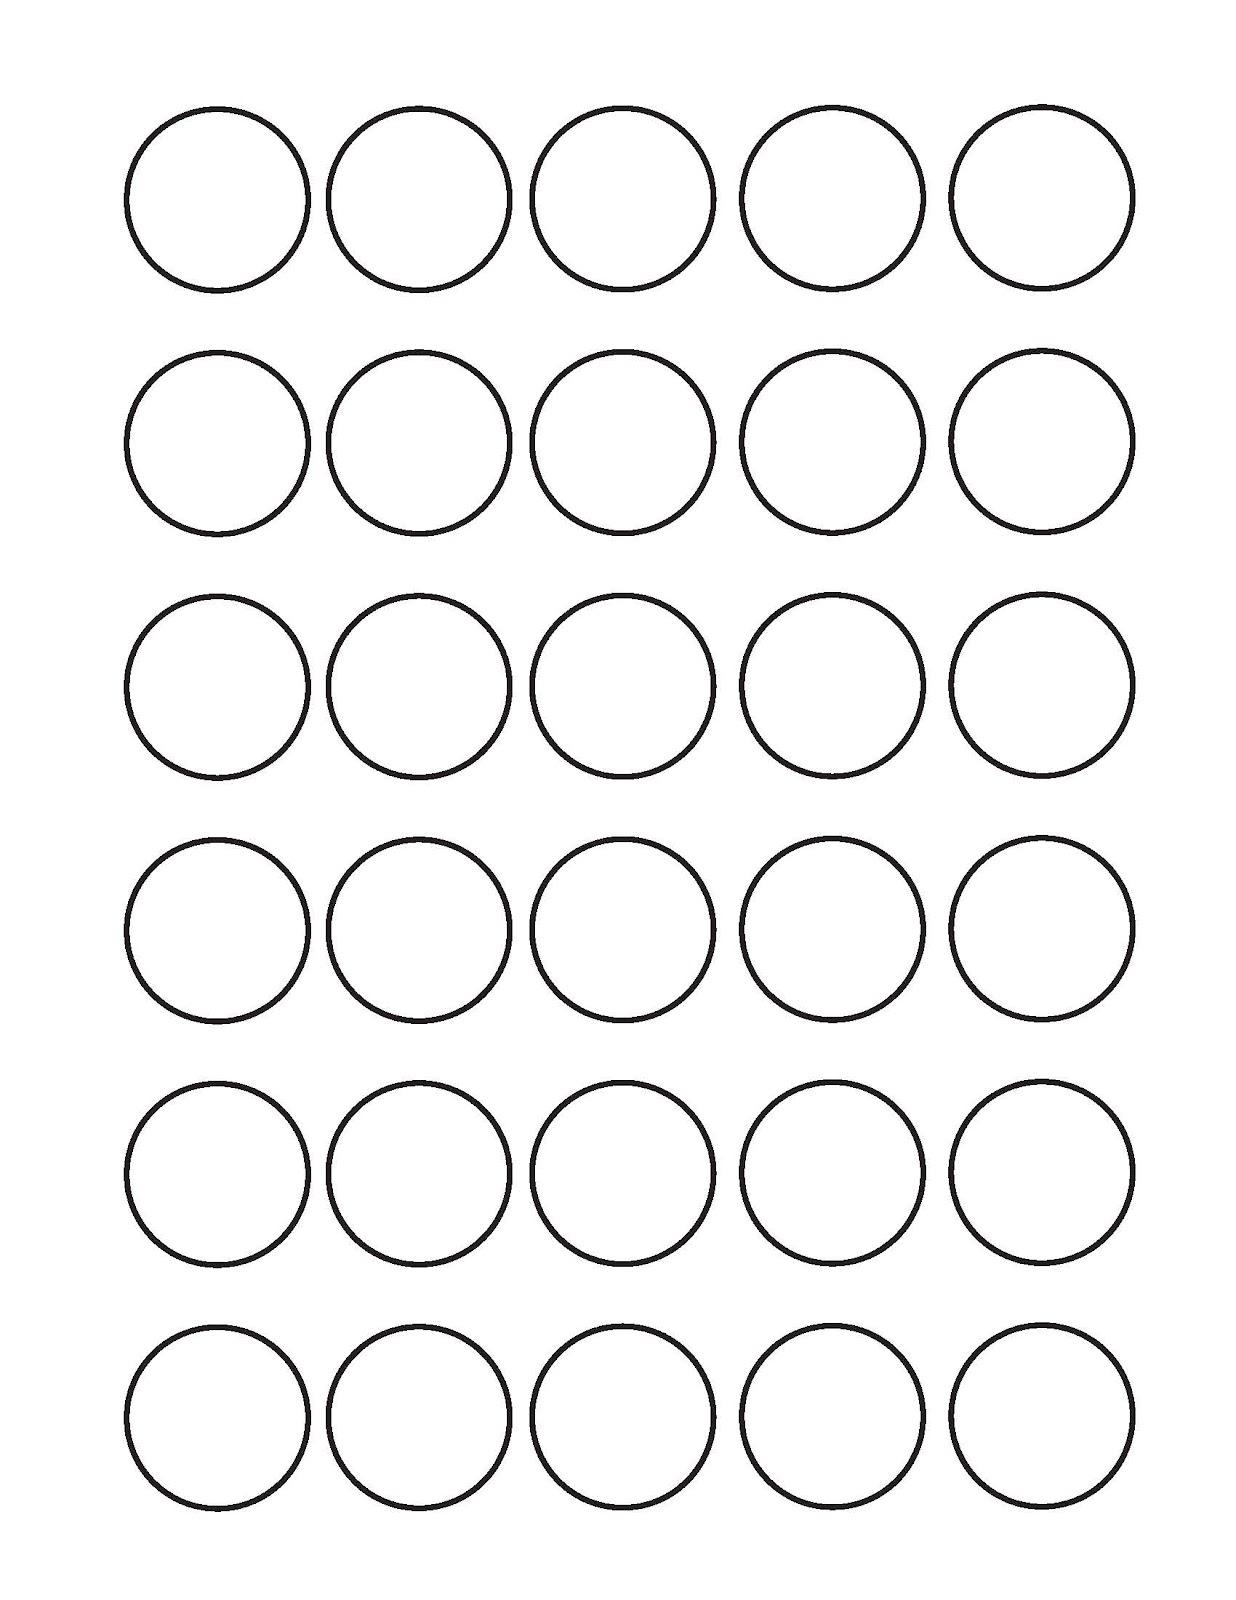 Раскраска круг для детей